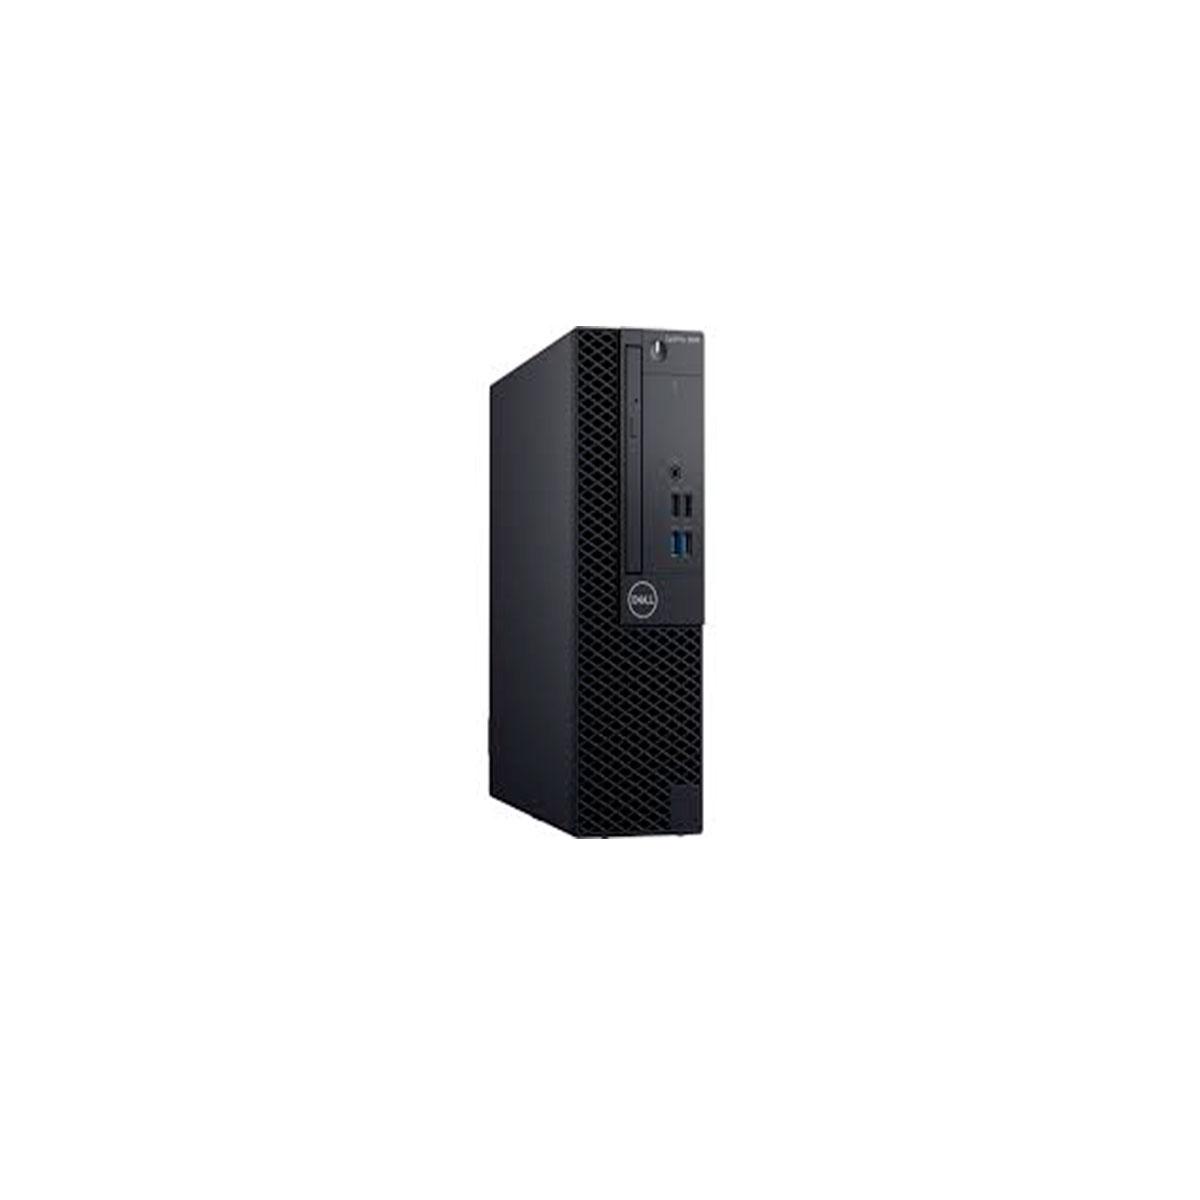 PC de Escritorio DELL Optiplex 3070 SFF 753407318